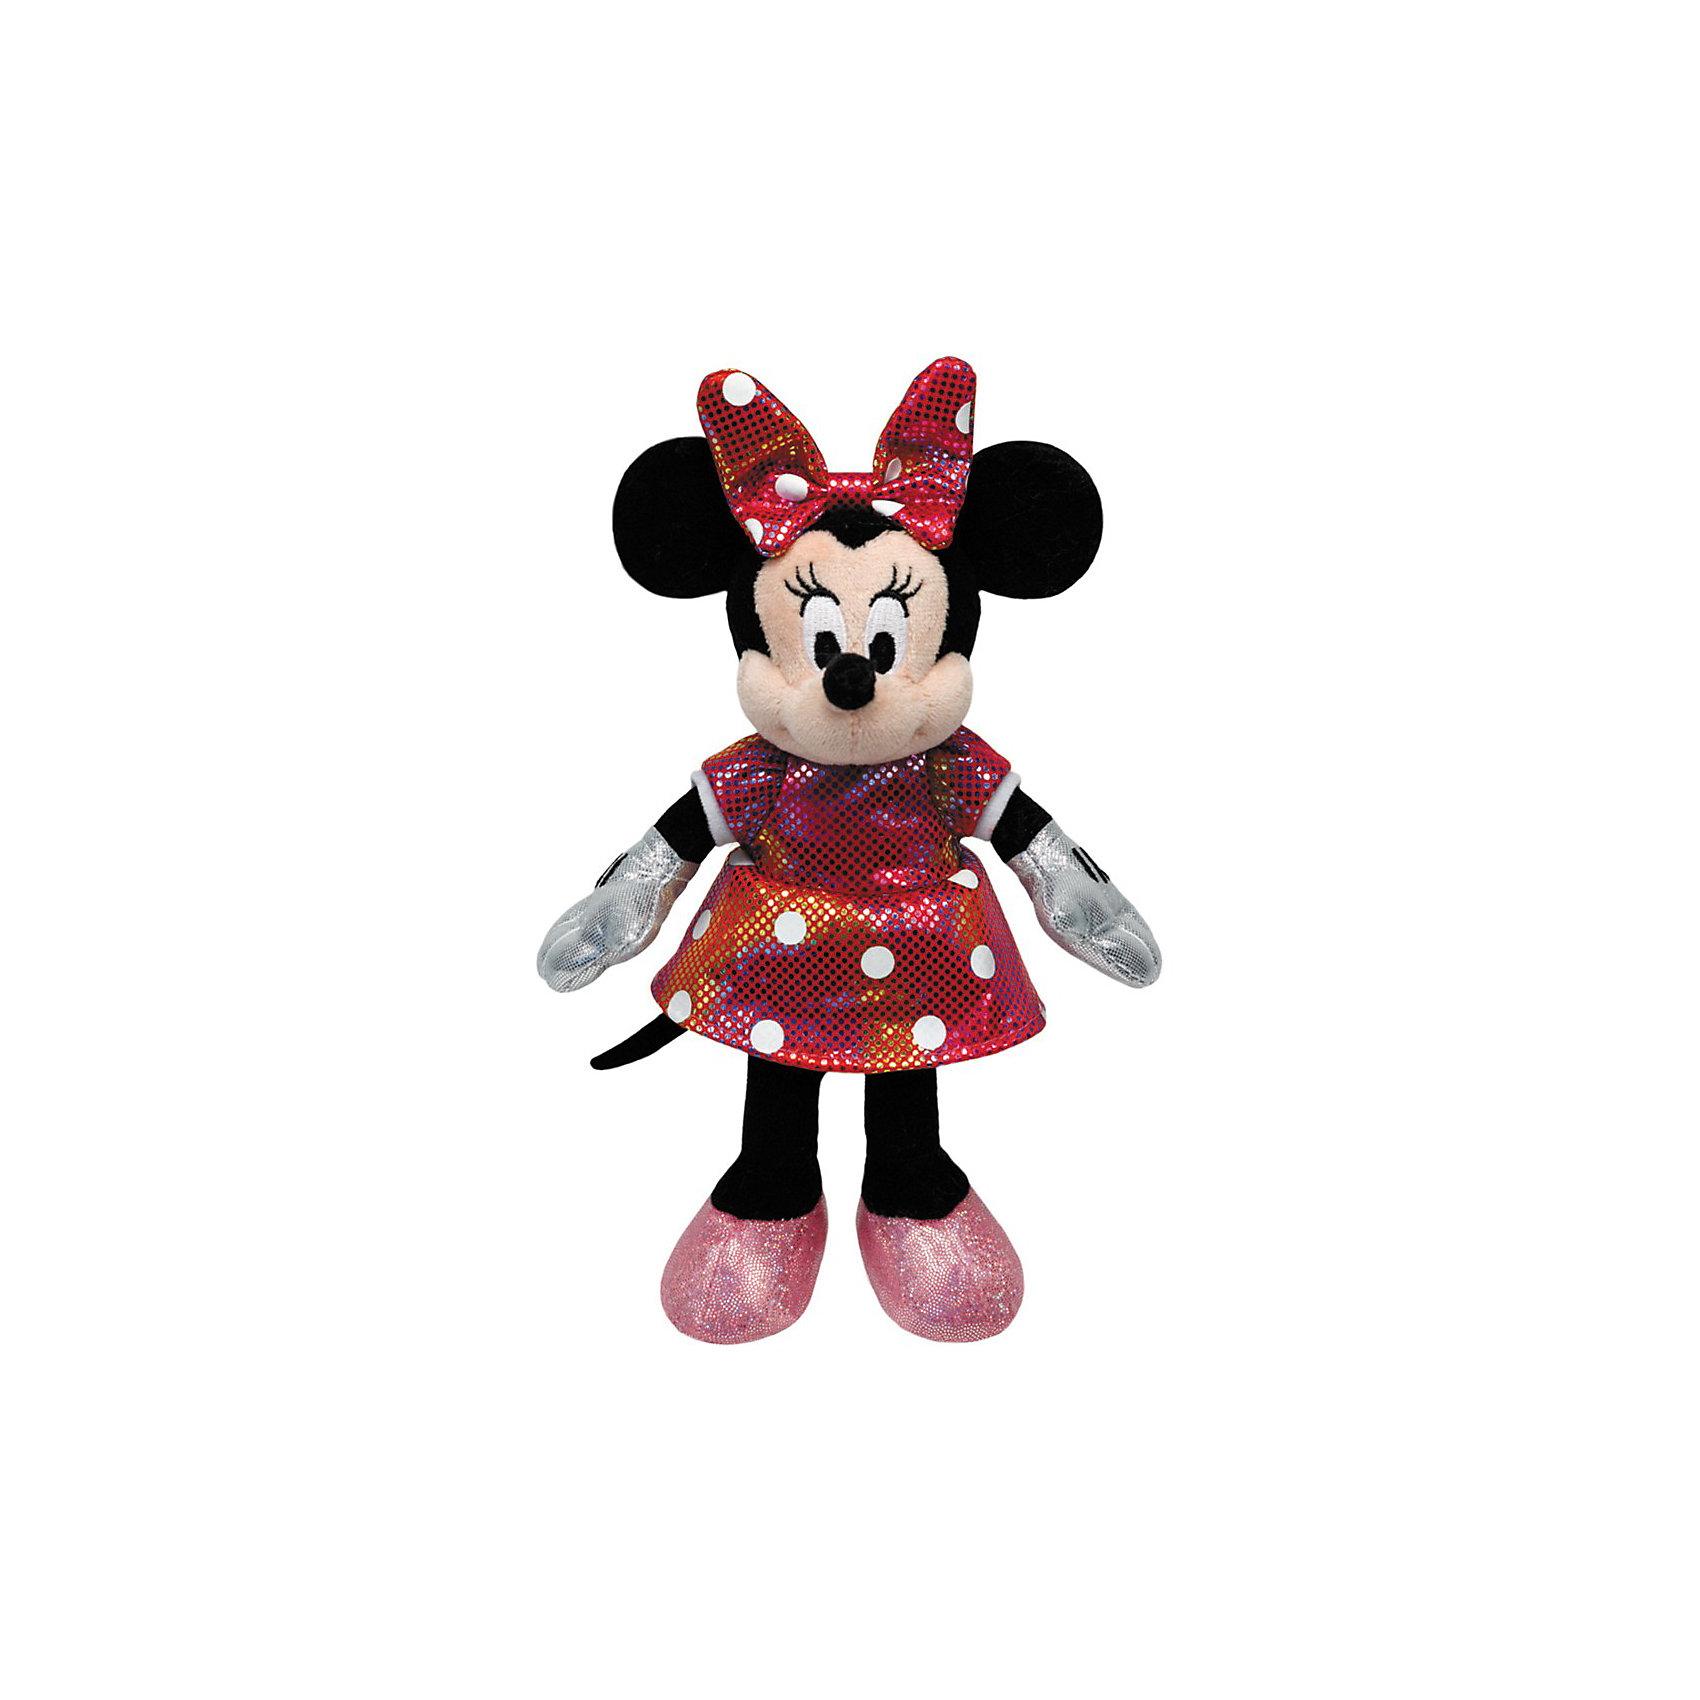 Минни Маус в разноцветном платье, со звуком, 20 см,  TyМинни Маус в разноцветном платье, Disney Sparkle Minnie - очаровательная мягкая игрушка, которая обязательно порадует Вашу девочку. Мышка Минни - героиня диснеевских мультфильмов о мышонке Микки-Маусе, внешний вид игрушка полностью повторяет свой персонаж из мультфильма. Мышка Минни выполнена из мягкого, приятного на ощупь материала, одета в красивое разноцветное платье. Имеются звуковые эффекты, если нажать Минни на грудку, она пропоет веселую песенку. Гипоаллергенная ткань совершенно безопасна для детей. <br><br>Дополнительная информация:<br><br>- Материал: текстиль.<br>- Размер игрушки: 20 см.<br>- Размер упаковки: 10 х 13 х 20,3 см.<br>- Вес: 0,15 кг. <br><br>Мягкую игрушку Минни Маус в разноцветном платье, Disney Sparkle Minnie (Minnie Mouse) можно купить в нашем интернет-магазине.<br><br>Ширина мм: 107<br>Глубина мм: 149<br>Высота мм: 110<br>Вес г: 68<br>Возраст от месяцев: 0<br>Возраст до месяцев: 84<br>Пол: Женский<br>Возраст: Детский<br>SKU: 3540254